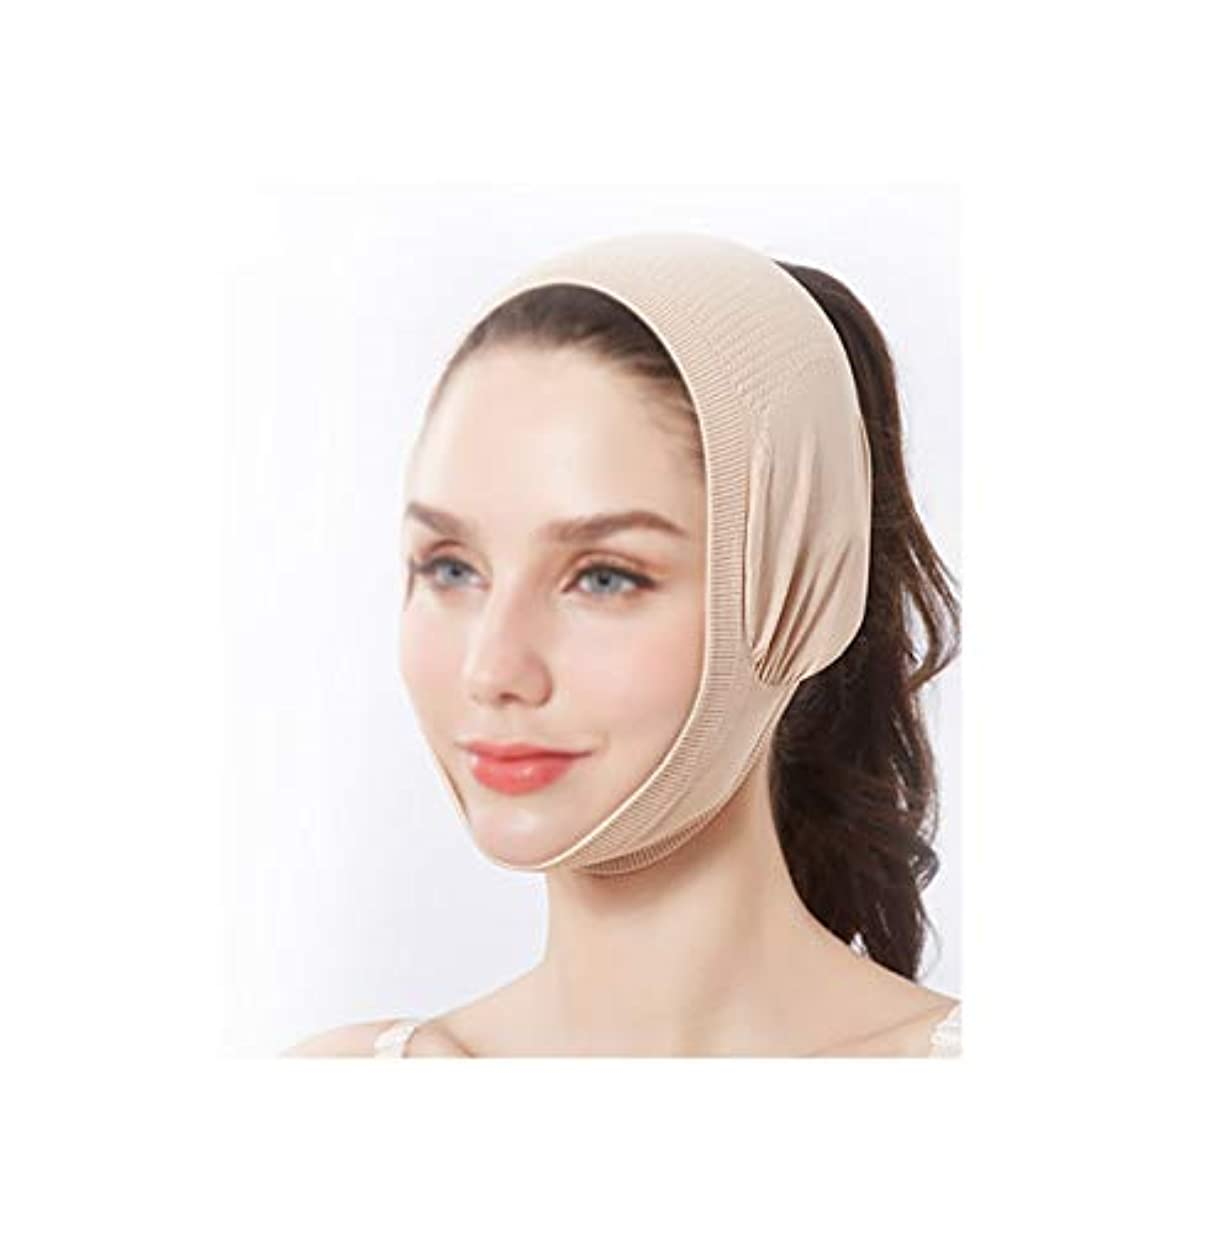 辛な化学薬品確認フェイスリフトマスク、フェイスマスクエクステンション強度フェイスレス包帯バンデーションフェイスラージVラインカービングフェイスバックカバーネックストラップ (Color : Skin tone)